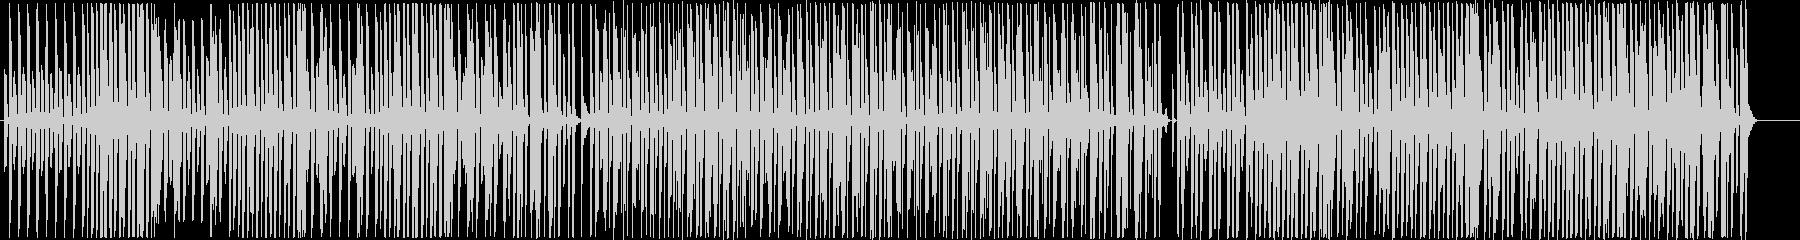 ピアノと鉄琴のコンビ。ほのぼの散歩気分の未再生の波形